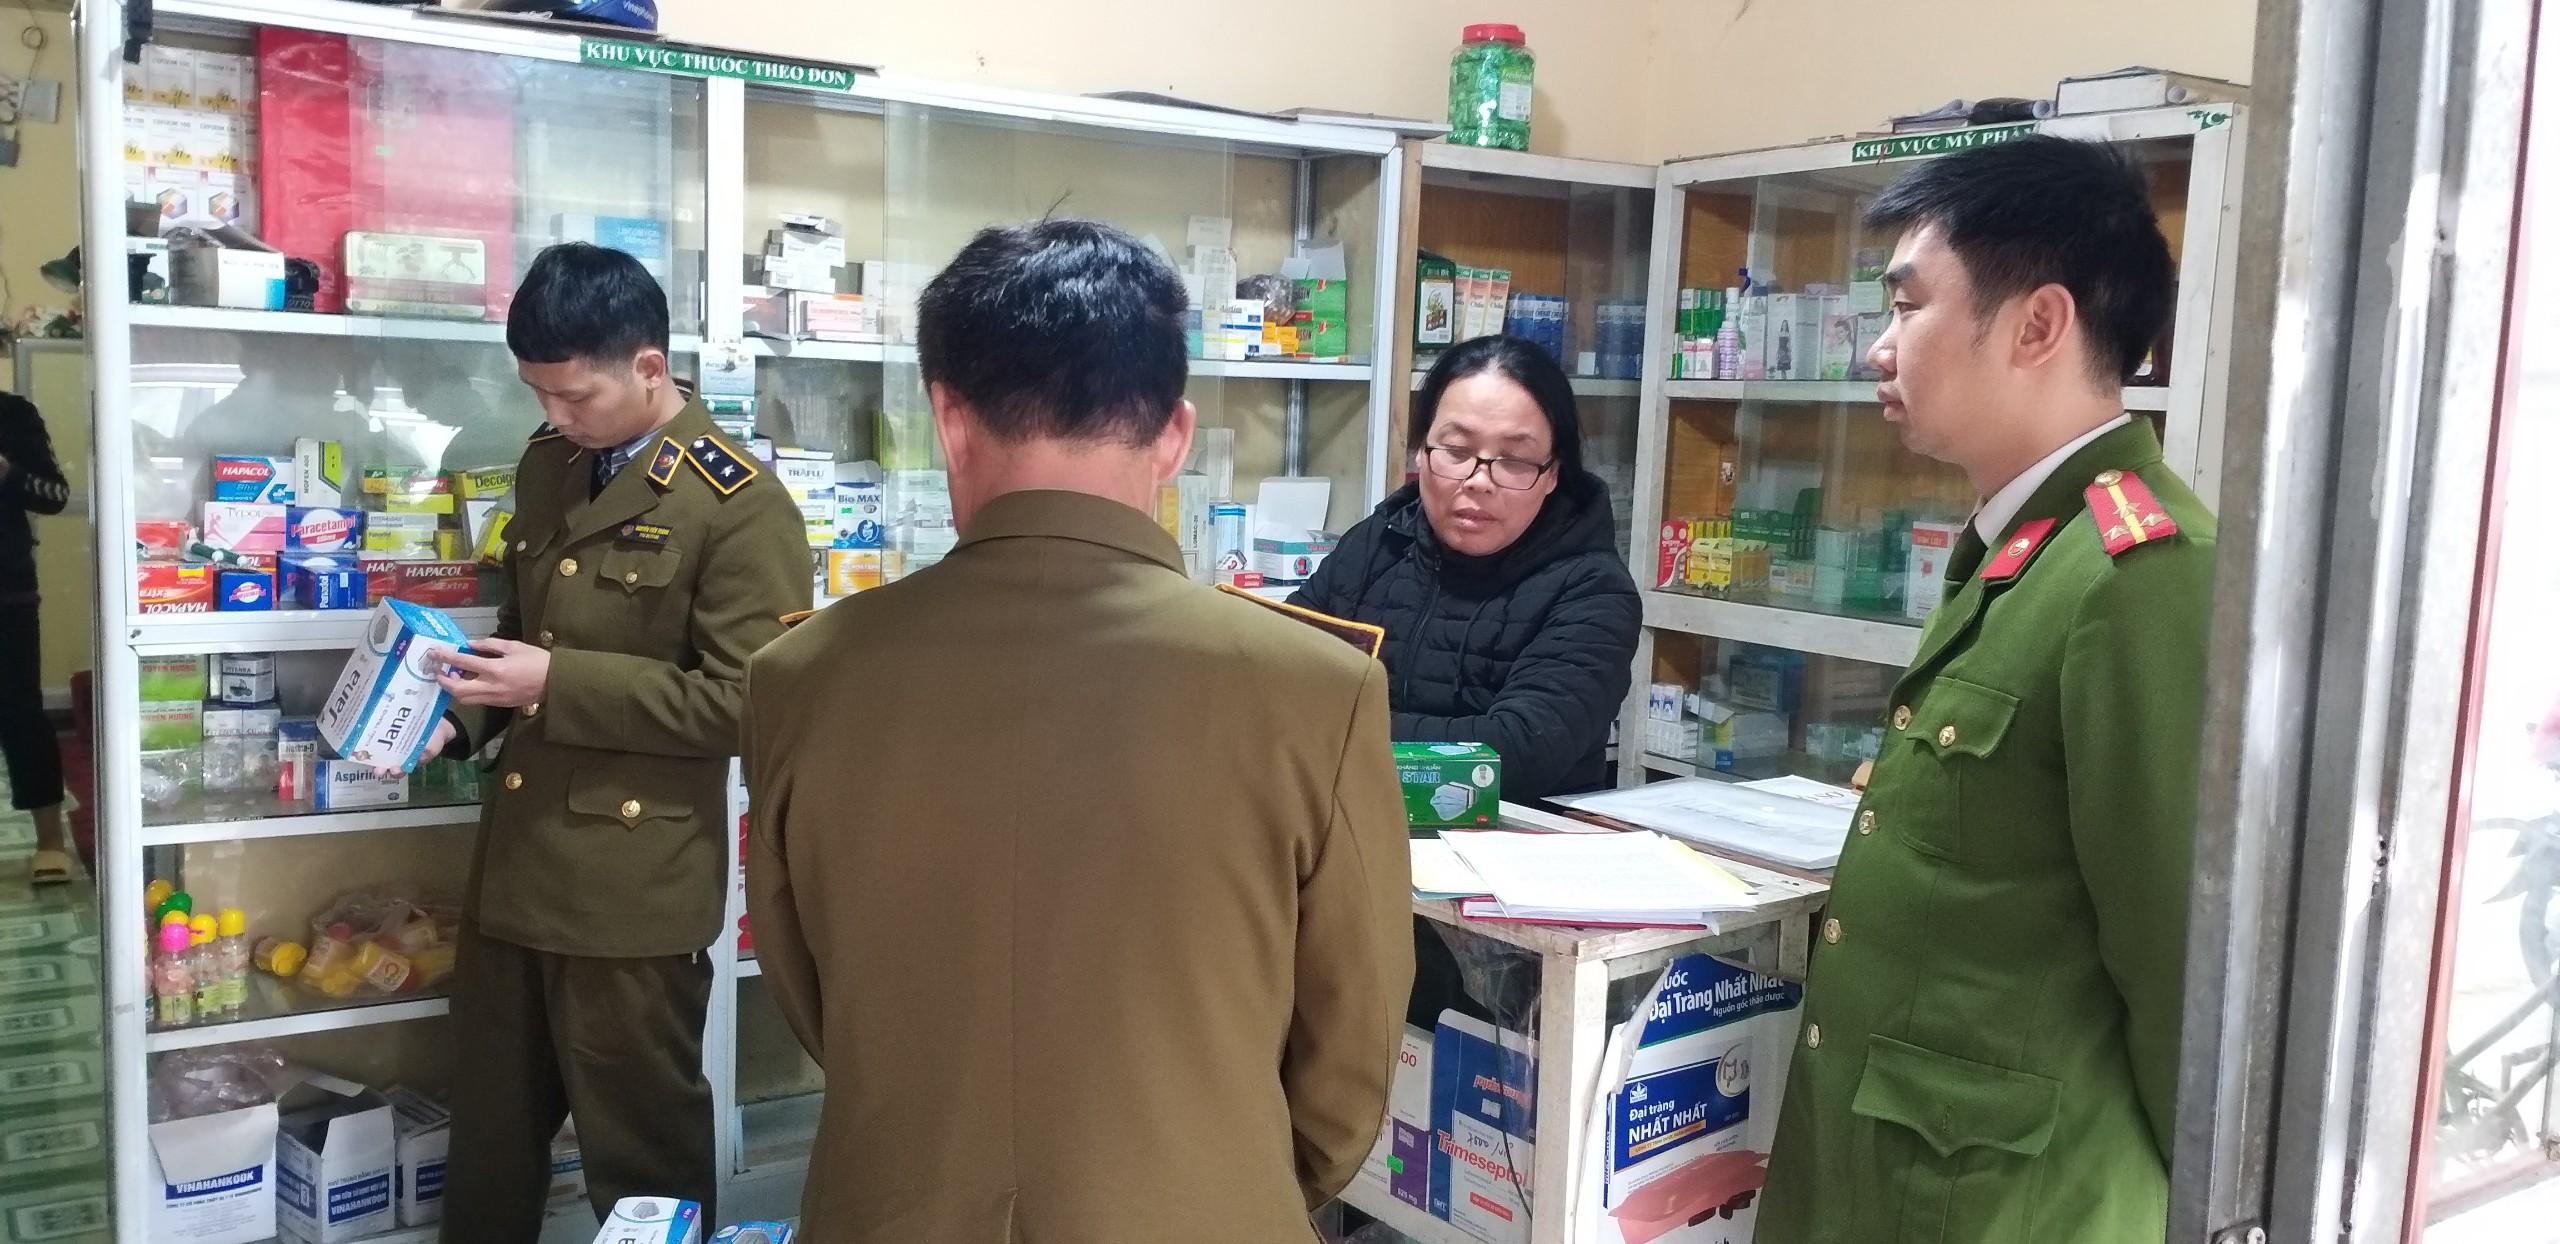 Cục Quản lý thị trường tỉnh Phú Thọ tăng cường công tác phối hợp phòng, chống dịch bệnh viêm phổi cấp Corona.